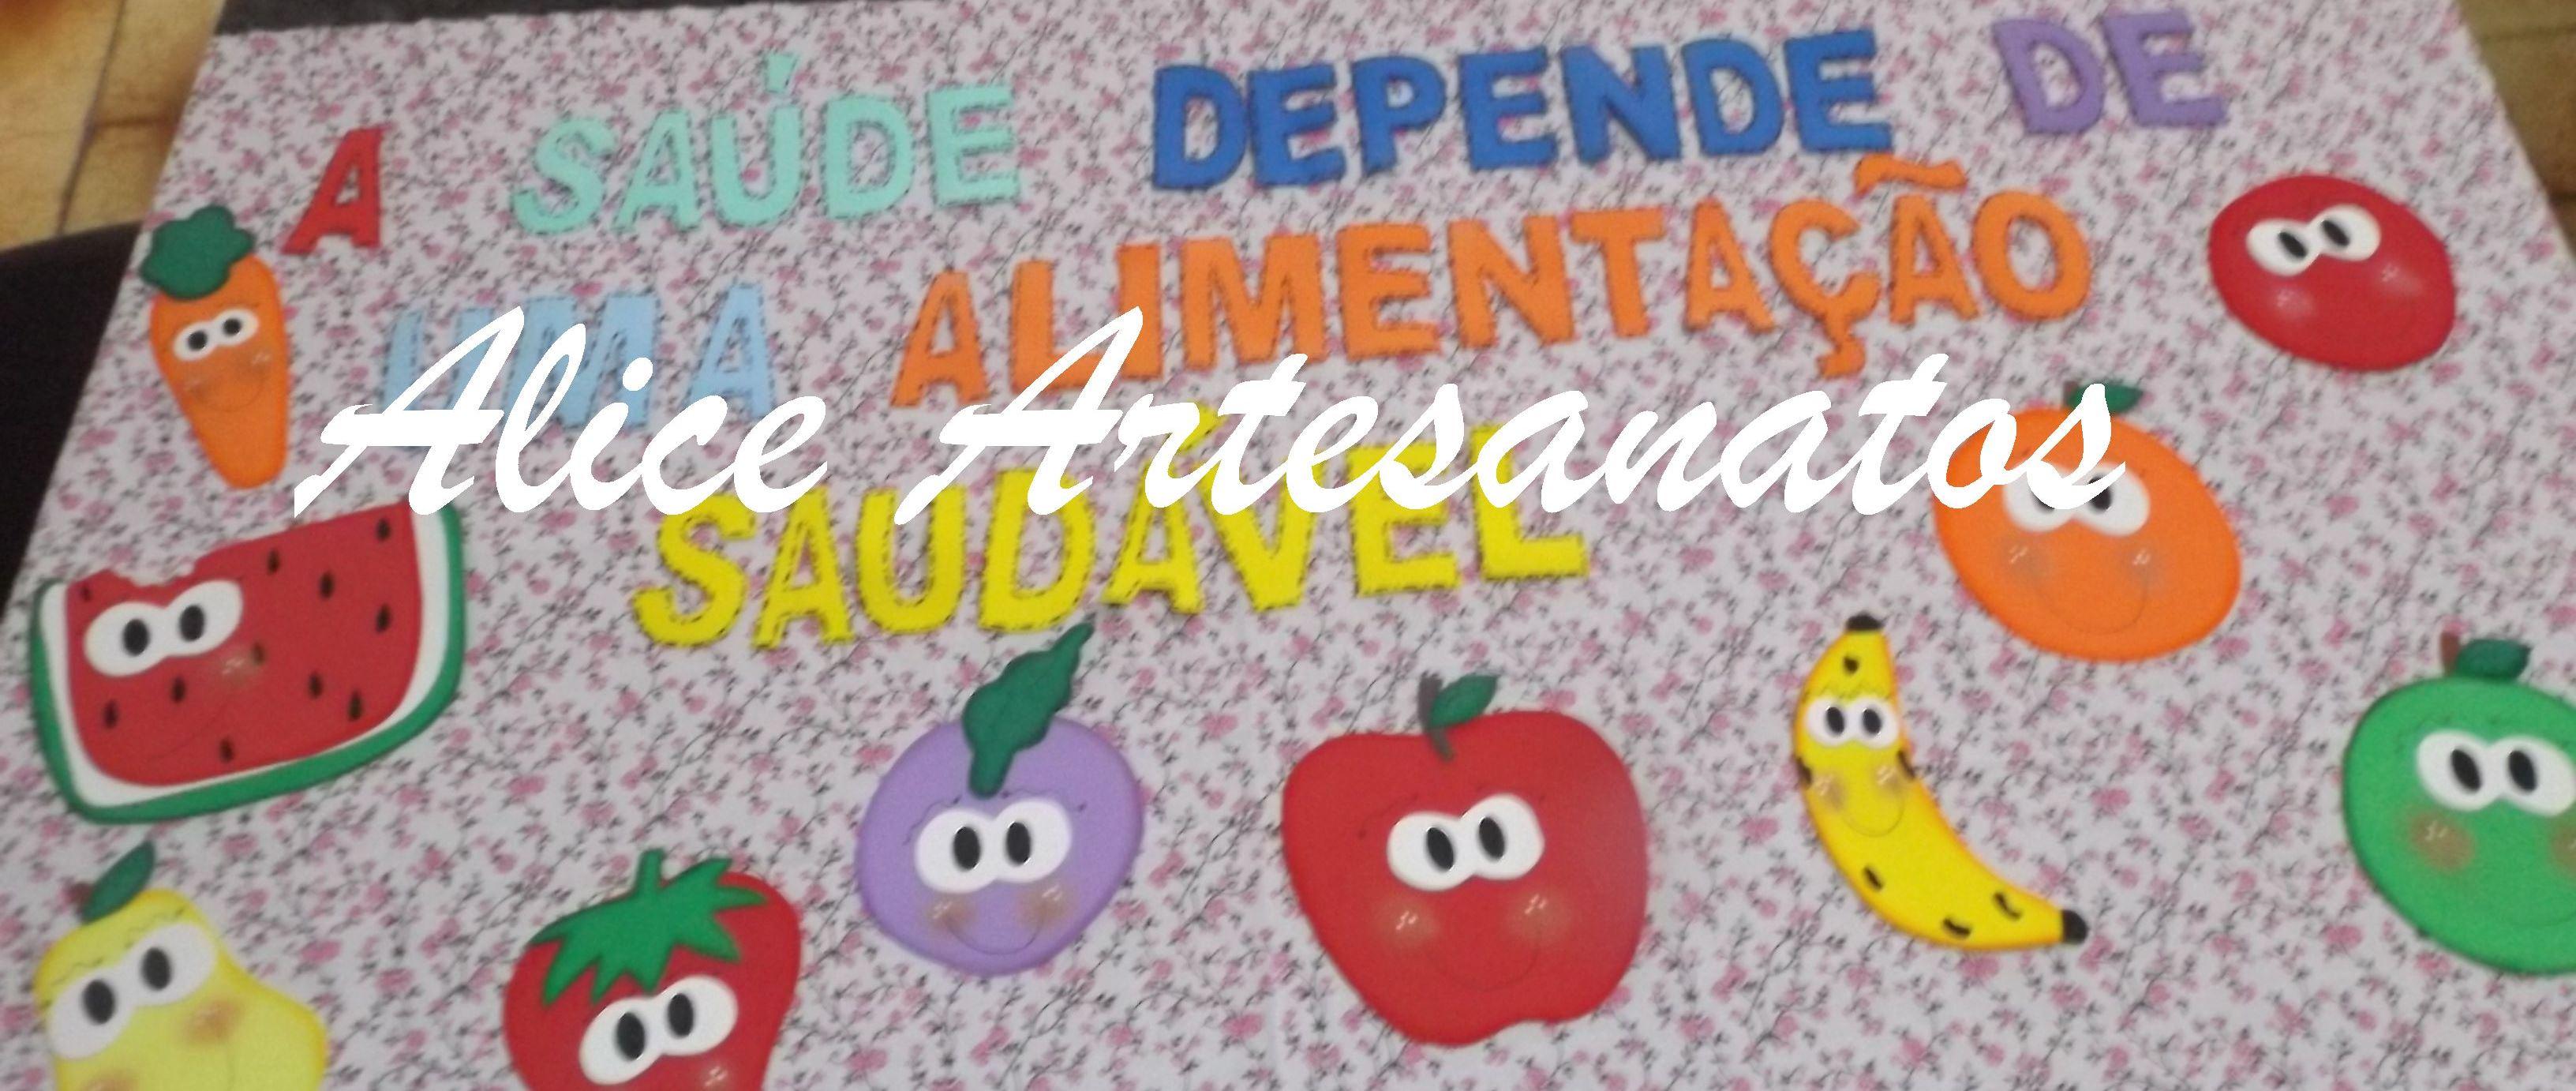 Painel Alimentação Saudável No Elo7 Alice Artesanatos 58ed66